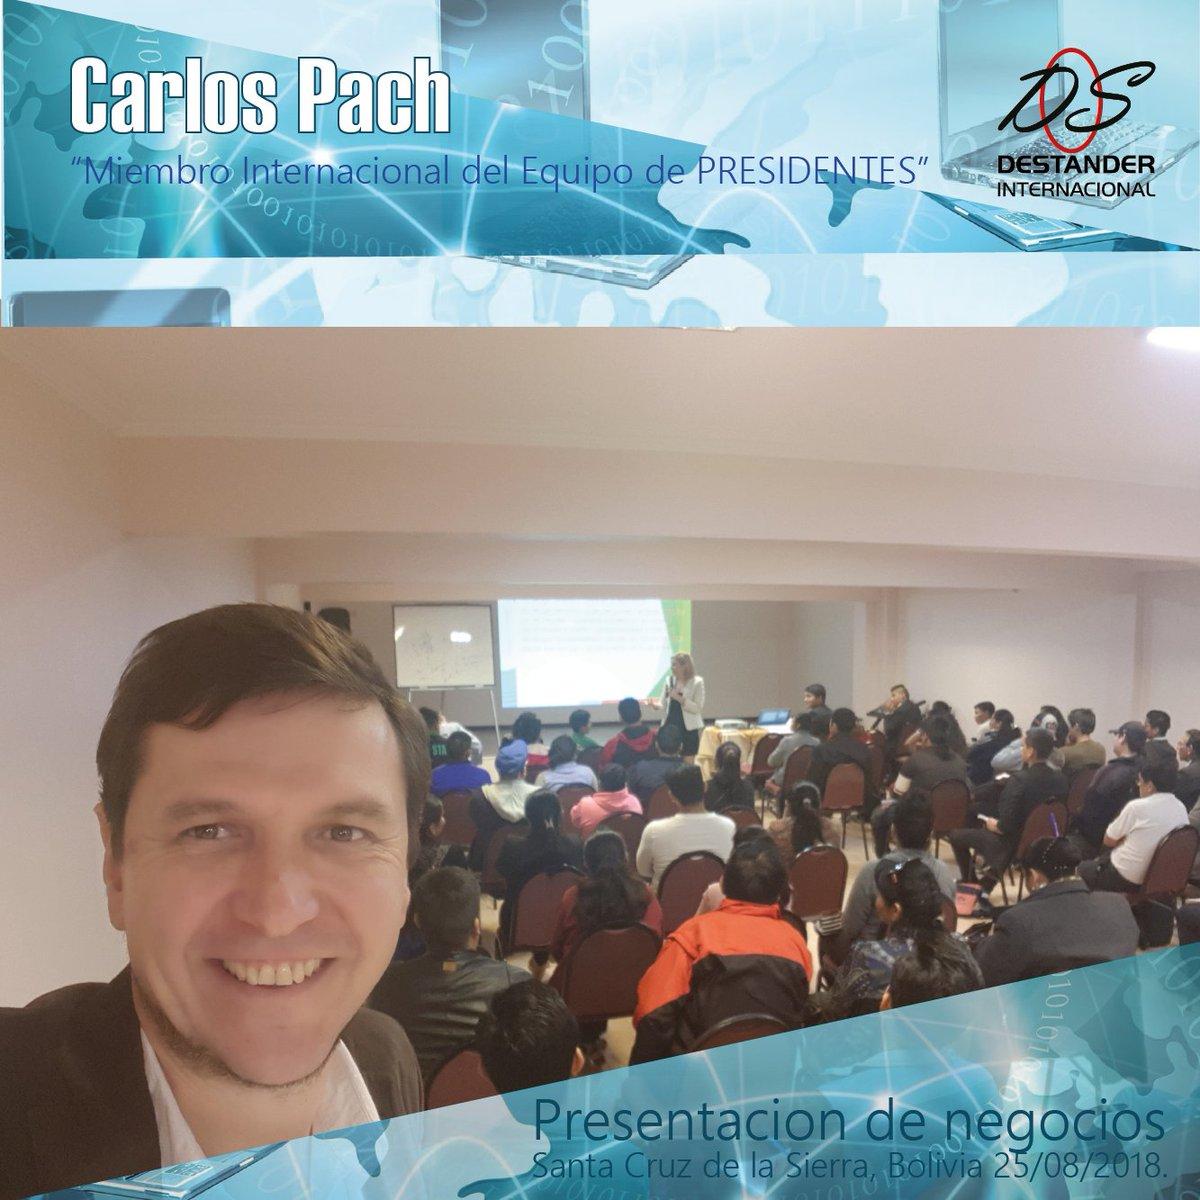 Presentación de negocios Carlos Pach  Santa Cruz de la Sierra, Bolivia, 25/08/2018. https://t.co/VQengwwju5